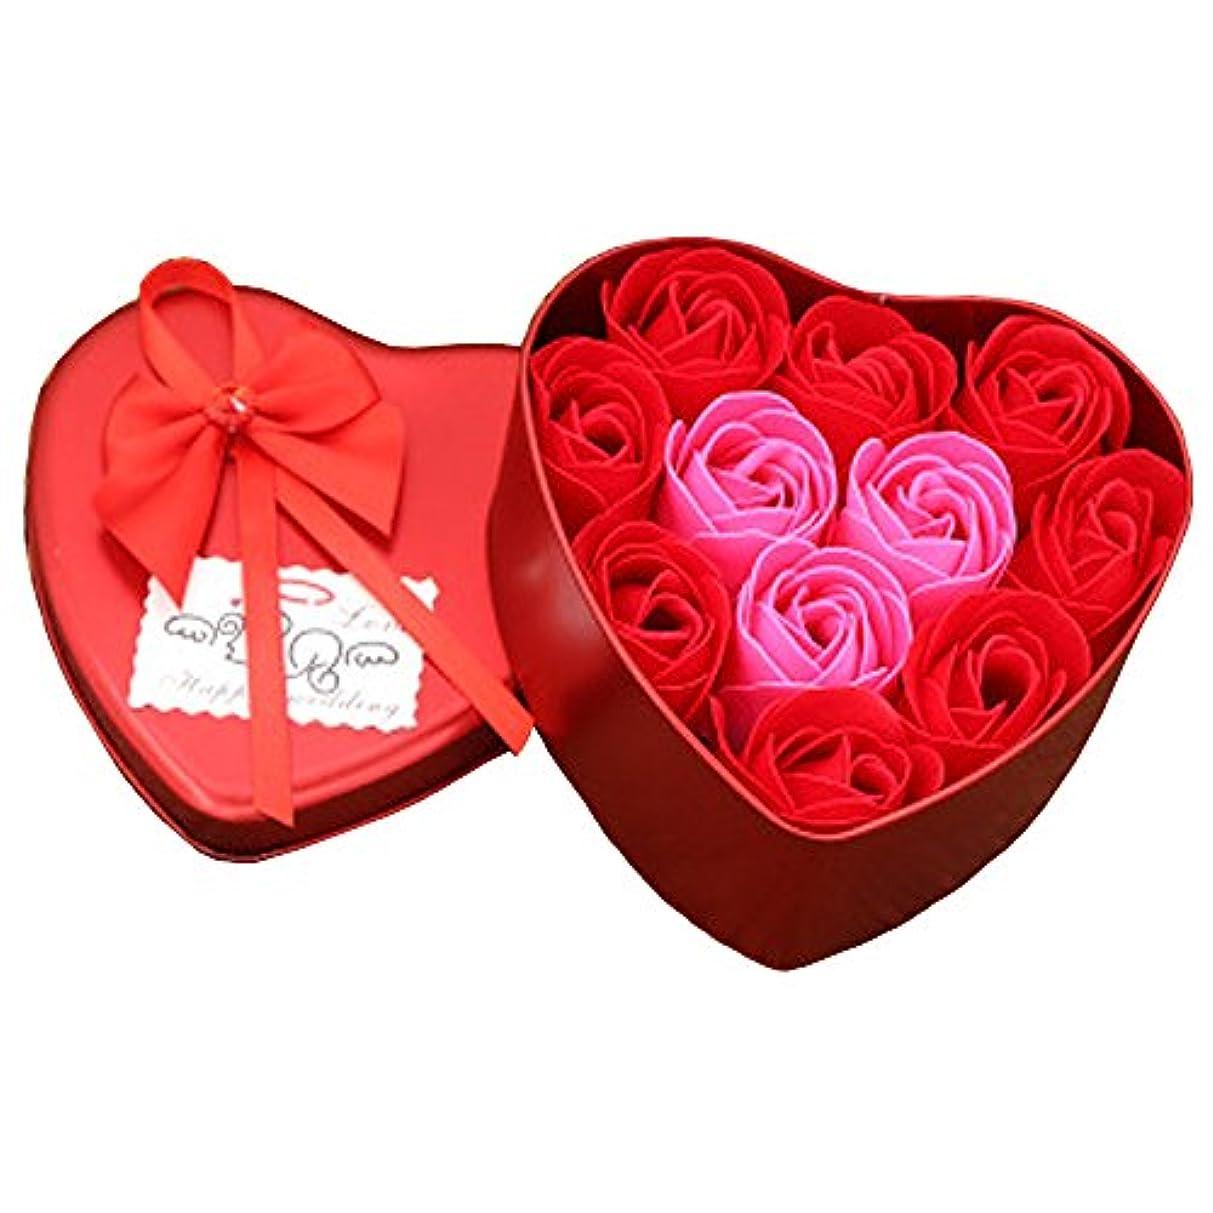 治安判事寛容な修理可能iCoole ソープフラワー 石鹸花 ハードフラワー形状 ギフトボックス入り 母の日 バレンタインデー お誕生日 ギフト